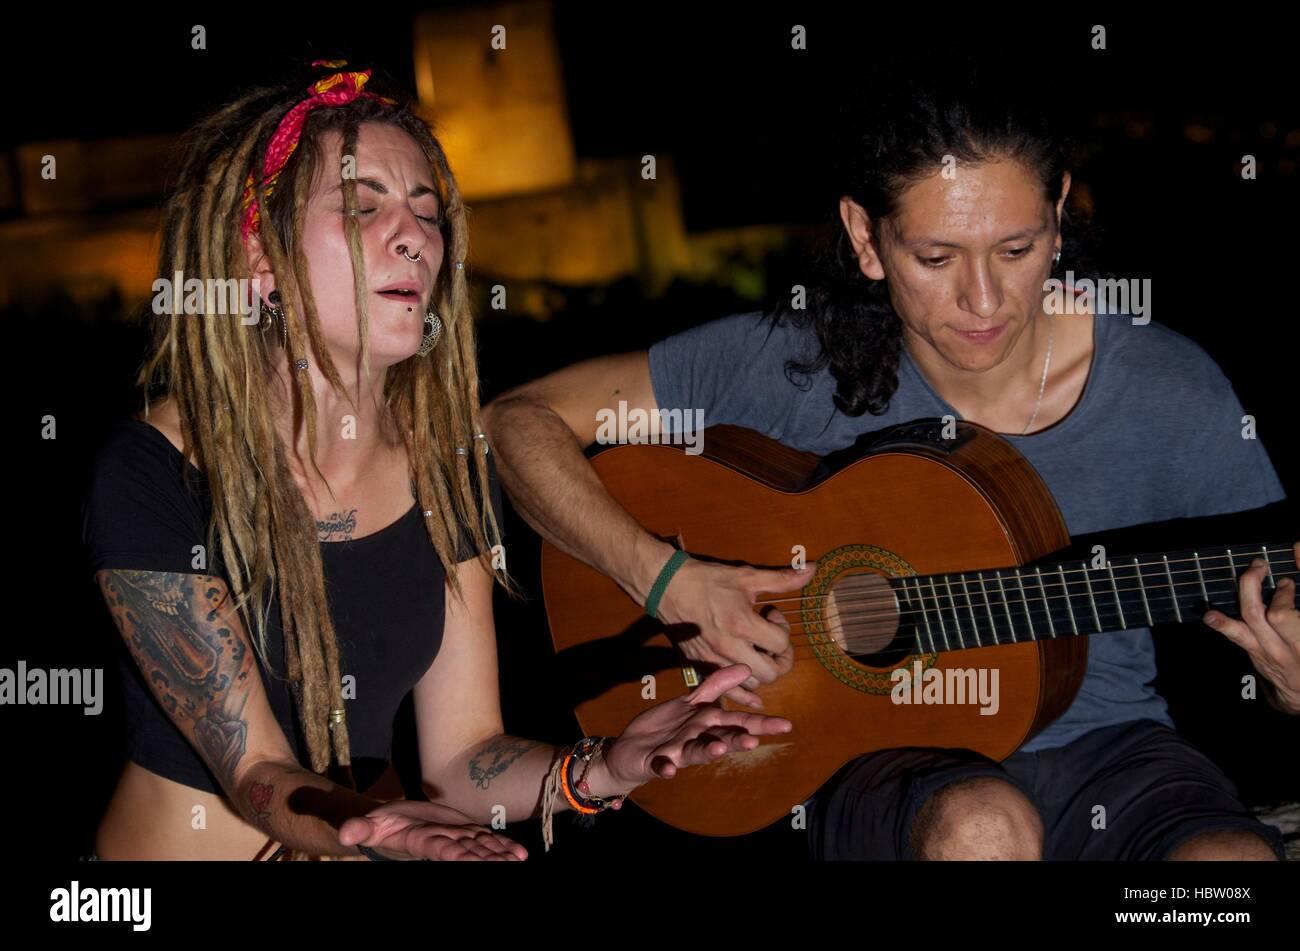 Flamenco musicians perform at Mirador San Nicolas, Granada Spain - Stock Image